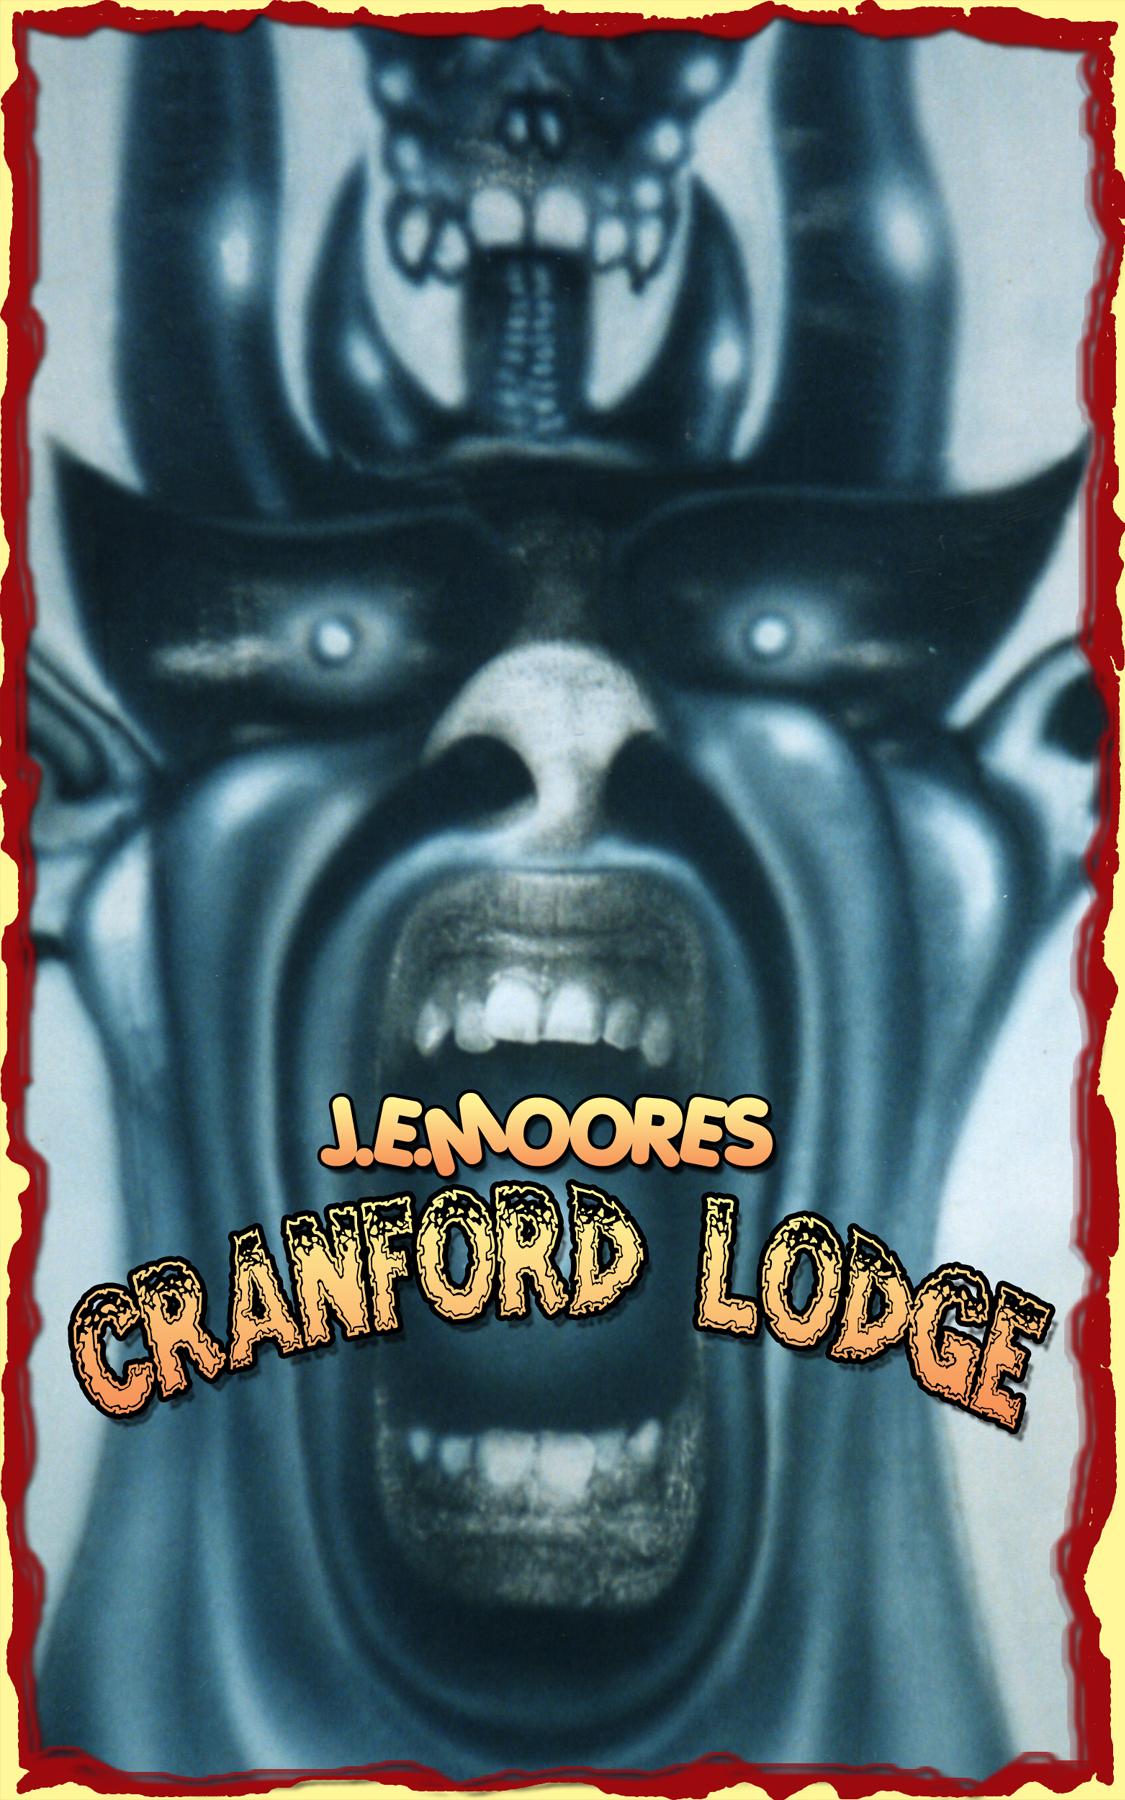 Cranford Lodge Book Cover #2